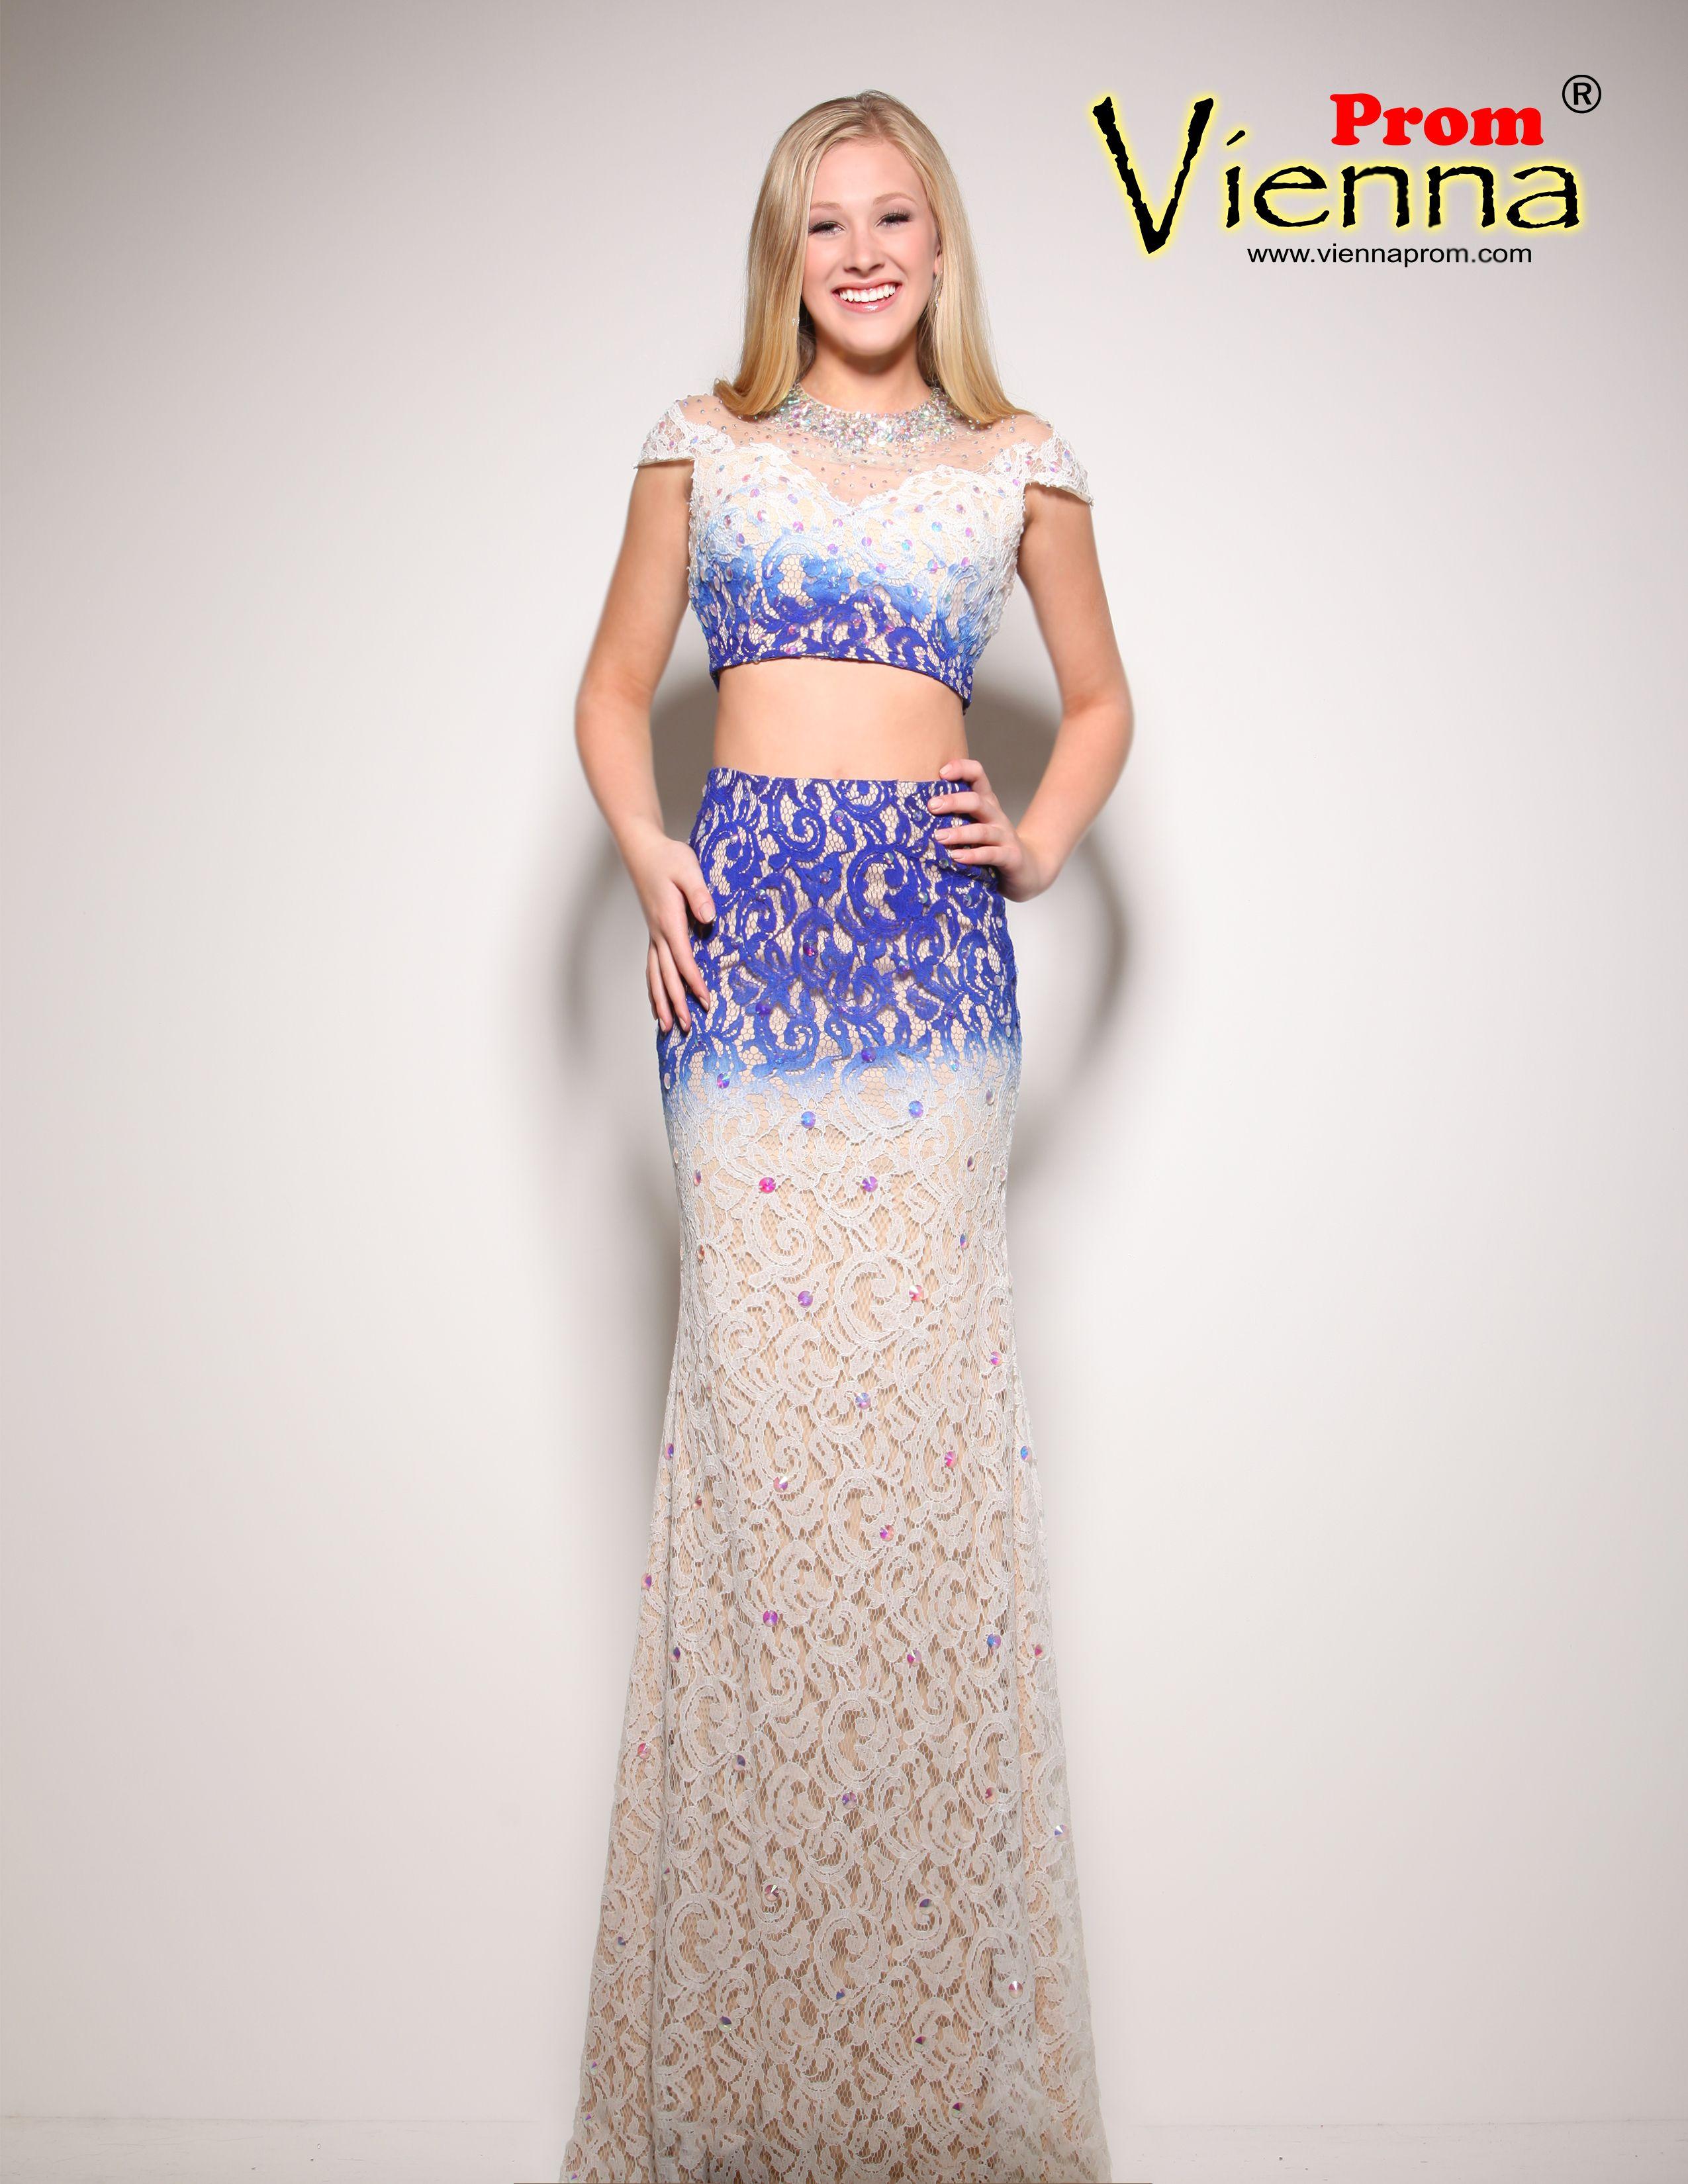 Vienna Prom Formal Prom Dresses Prom Dresses Dresses Crop Top Prom [ 3300 x 2550 Pixel ]